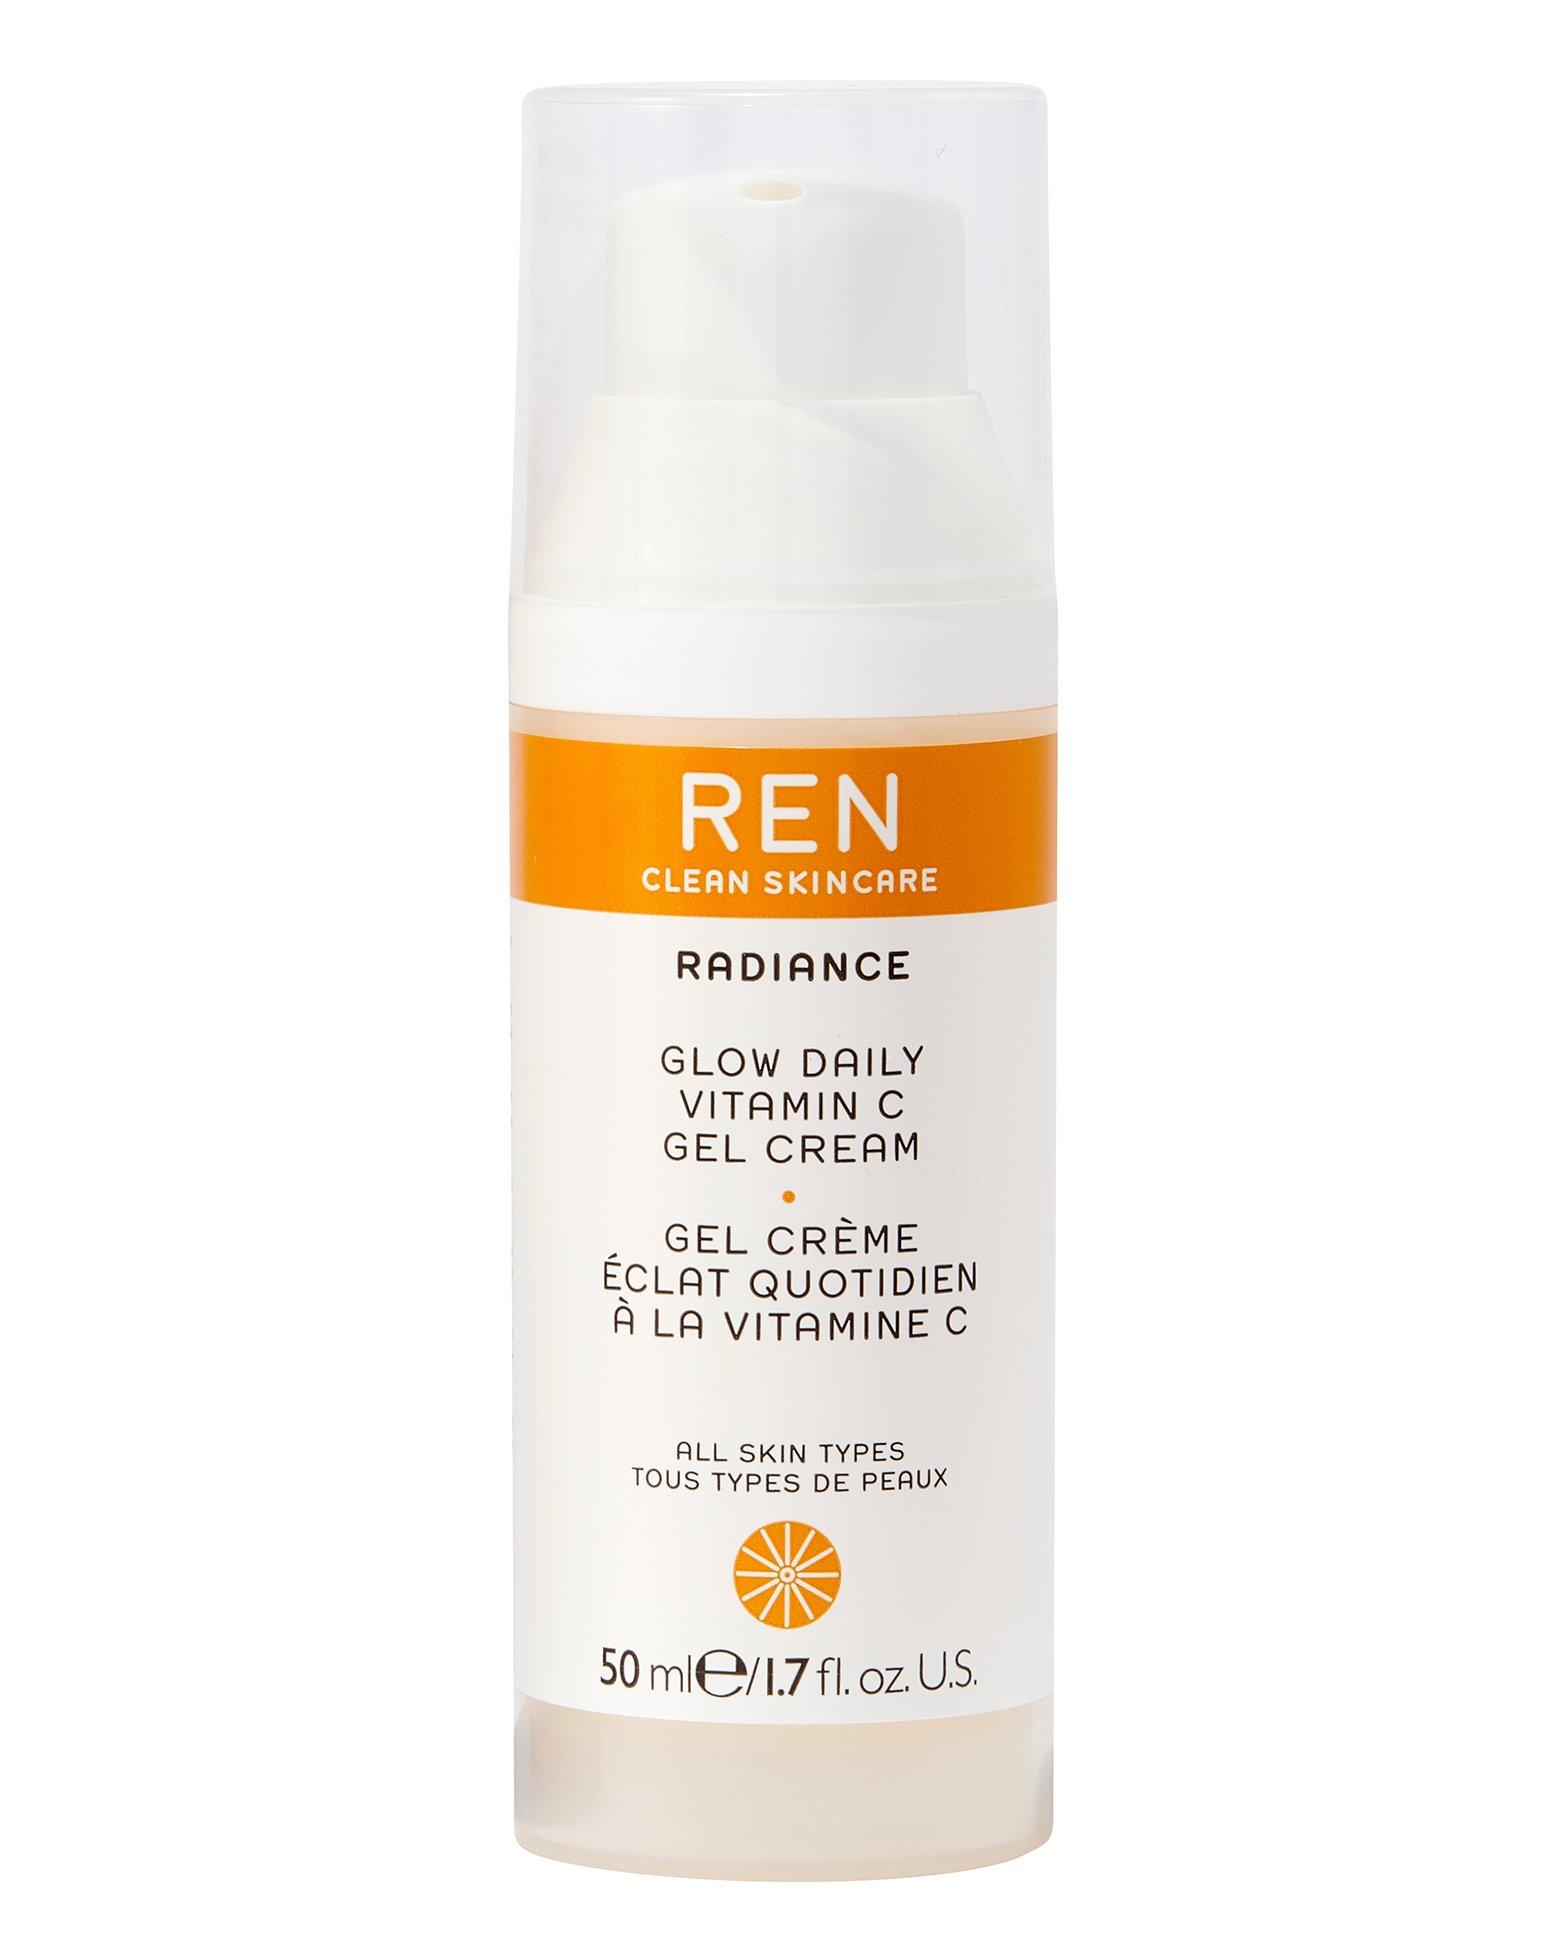 REN - Radiance Glow Daily Vitamin C Gel Cream 50 ml